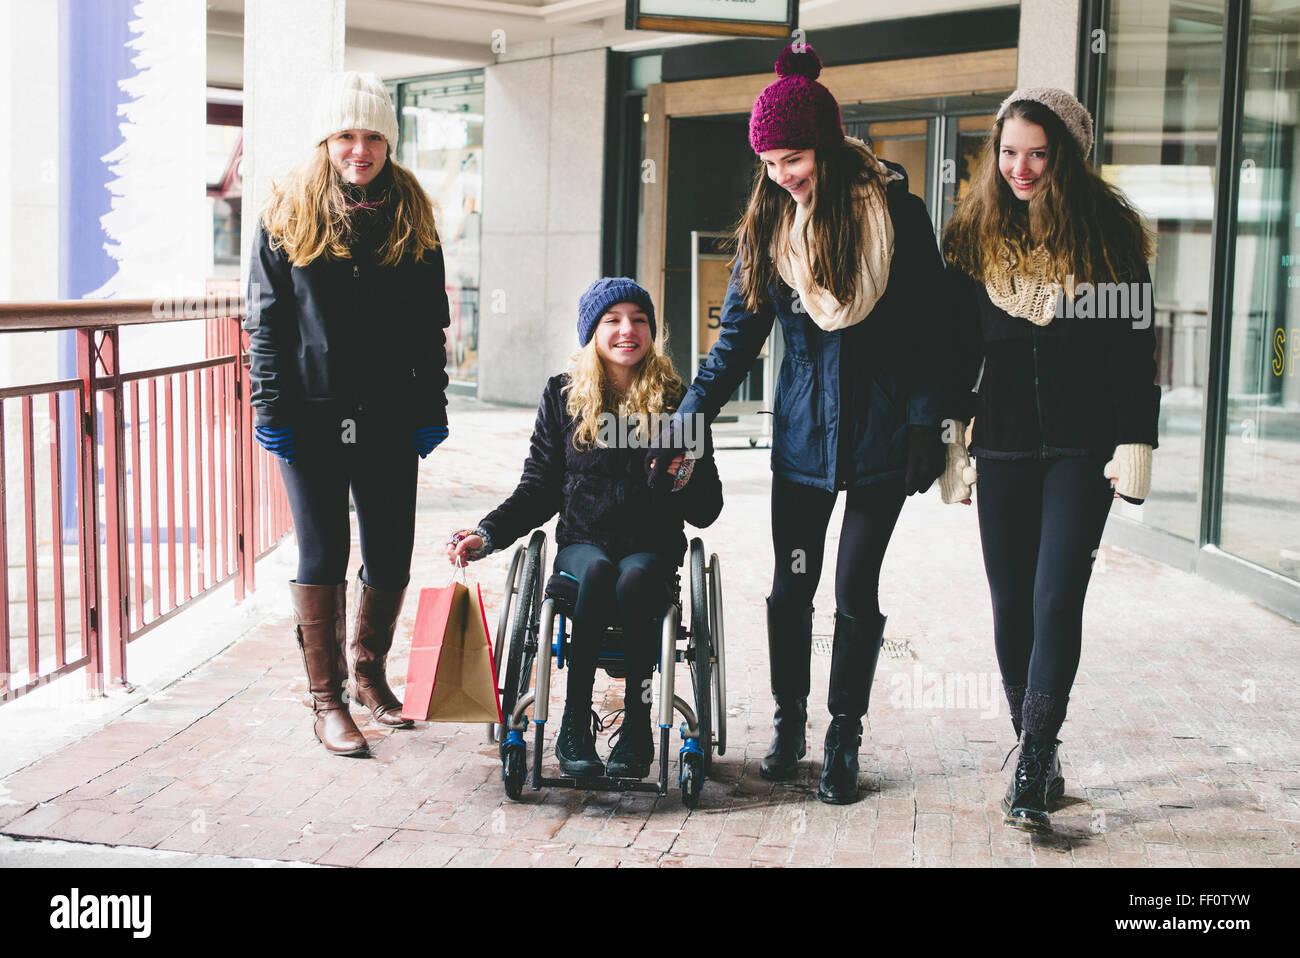 Le ragazze a piedi e tramite sedia a rotelle sul marciapiede Foto Stock